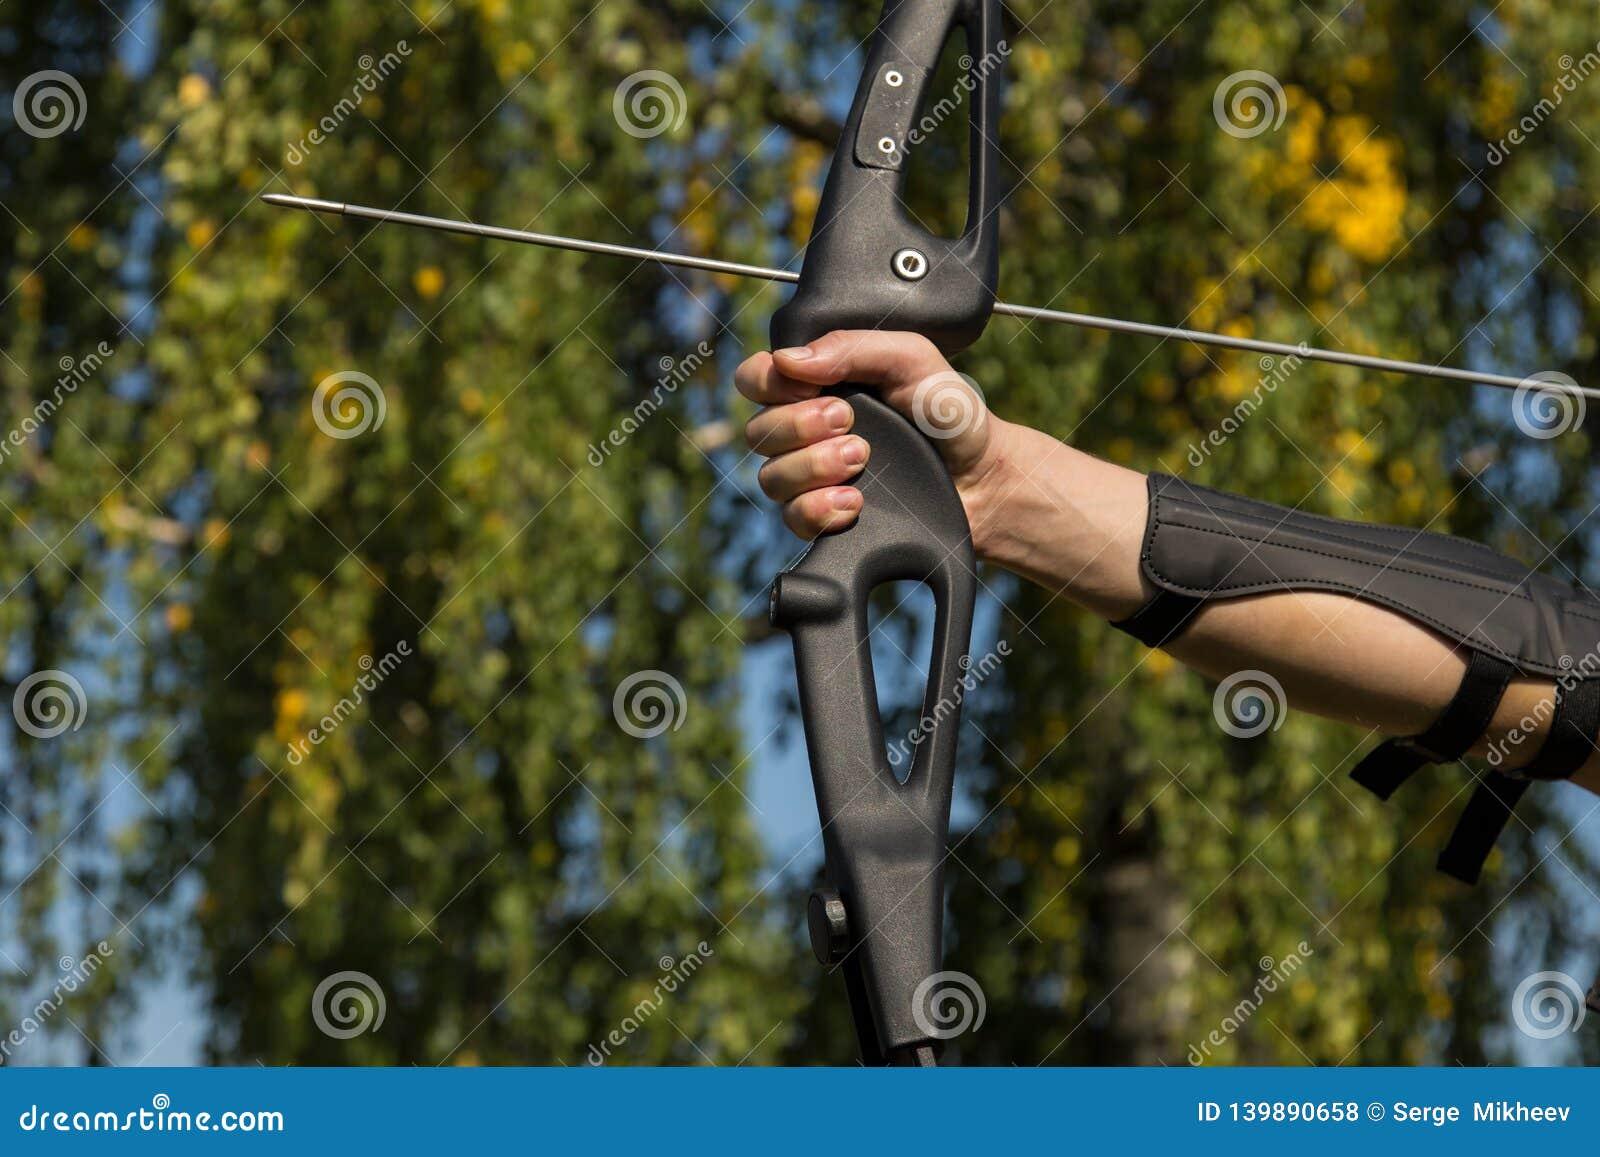 人从弓射击 特写镜头 射箭实践